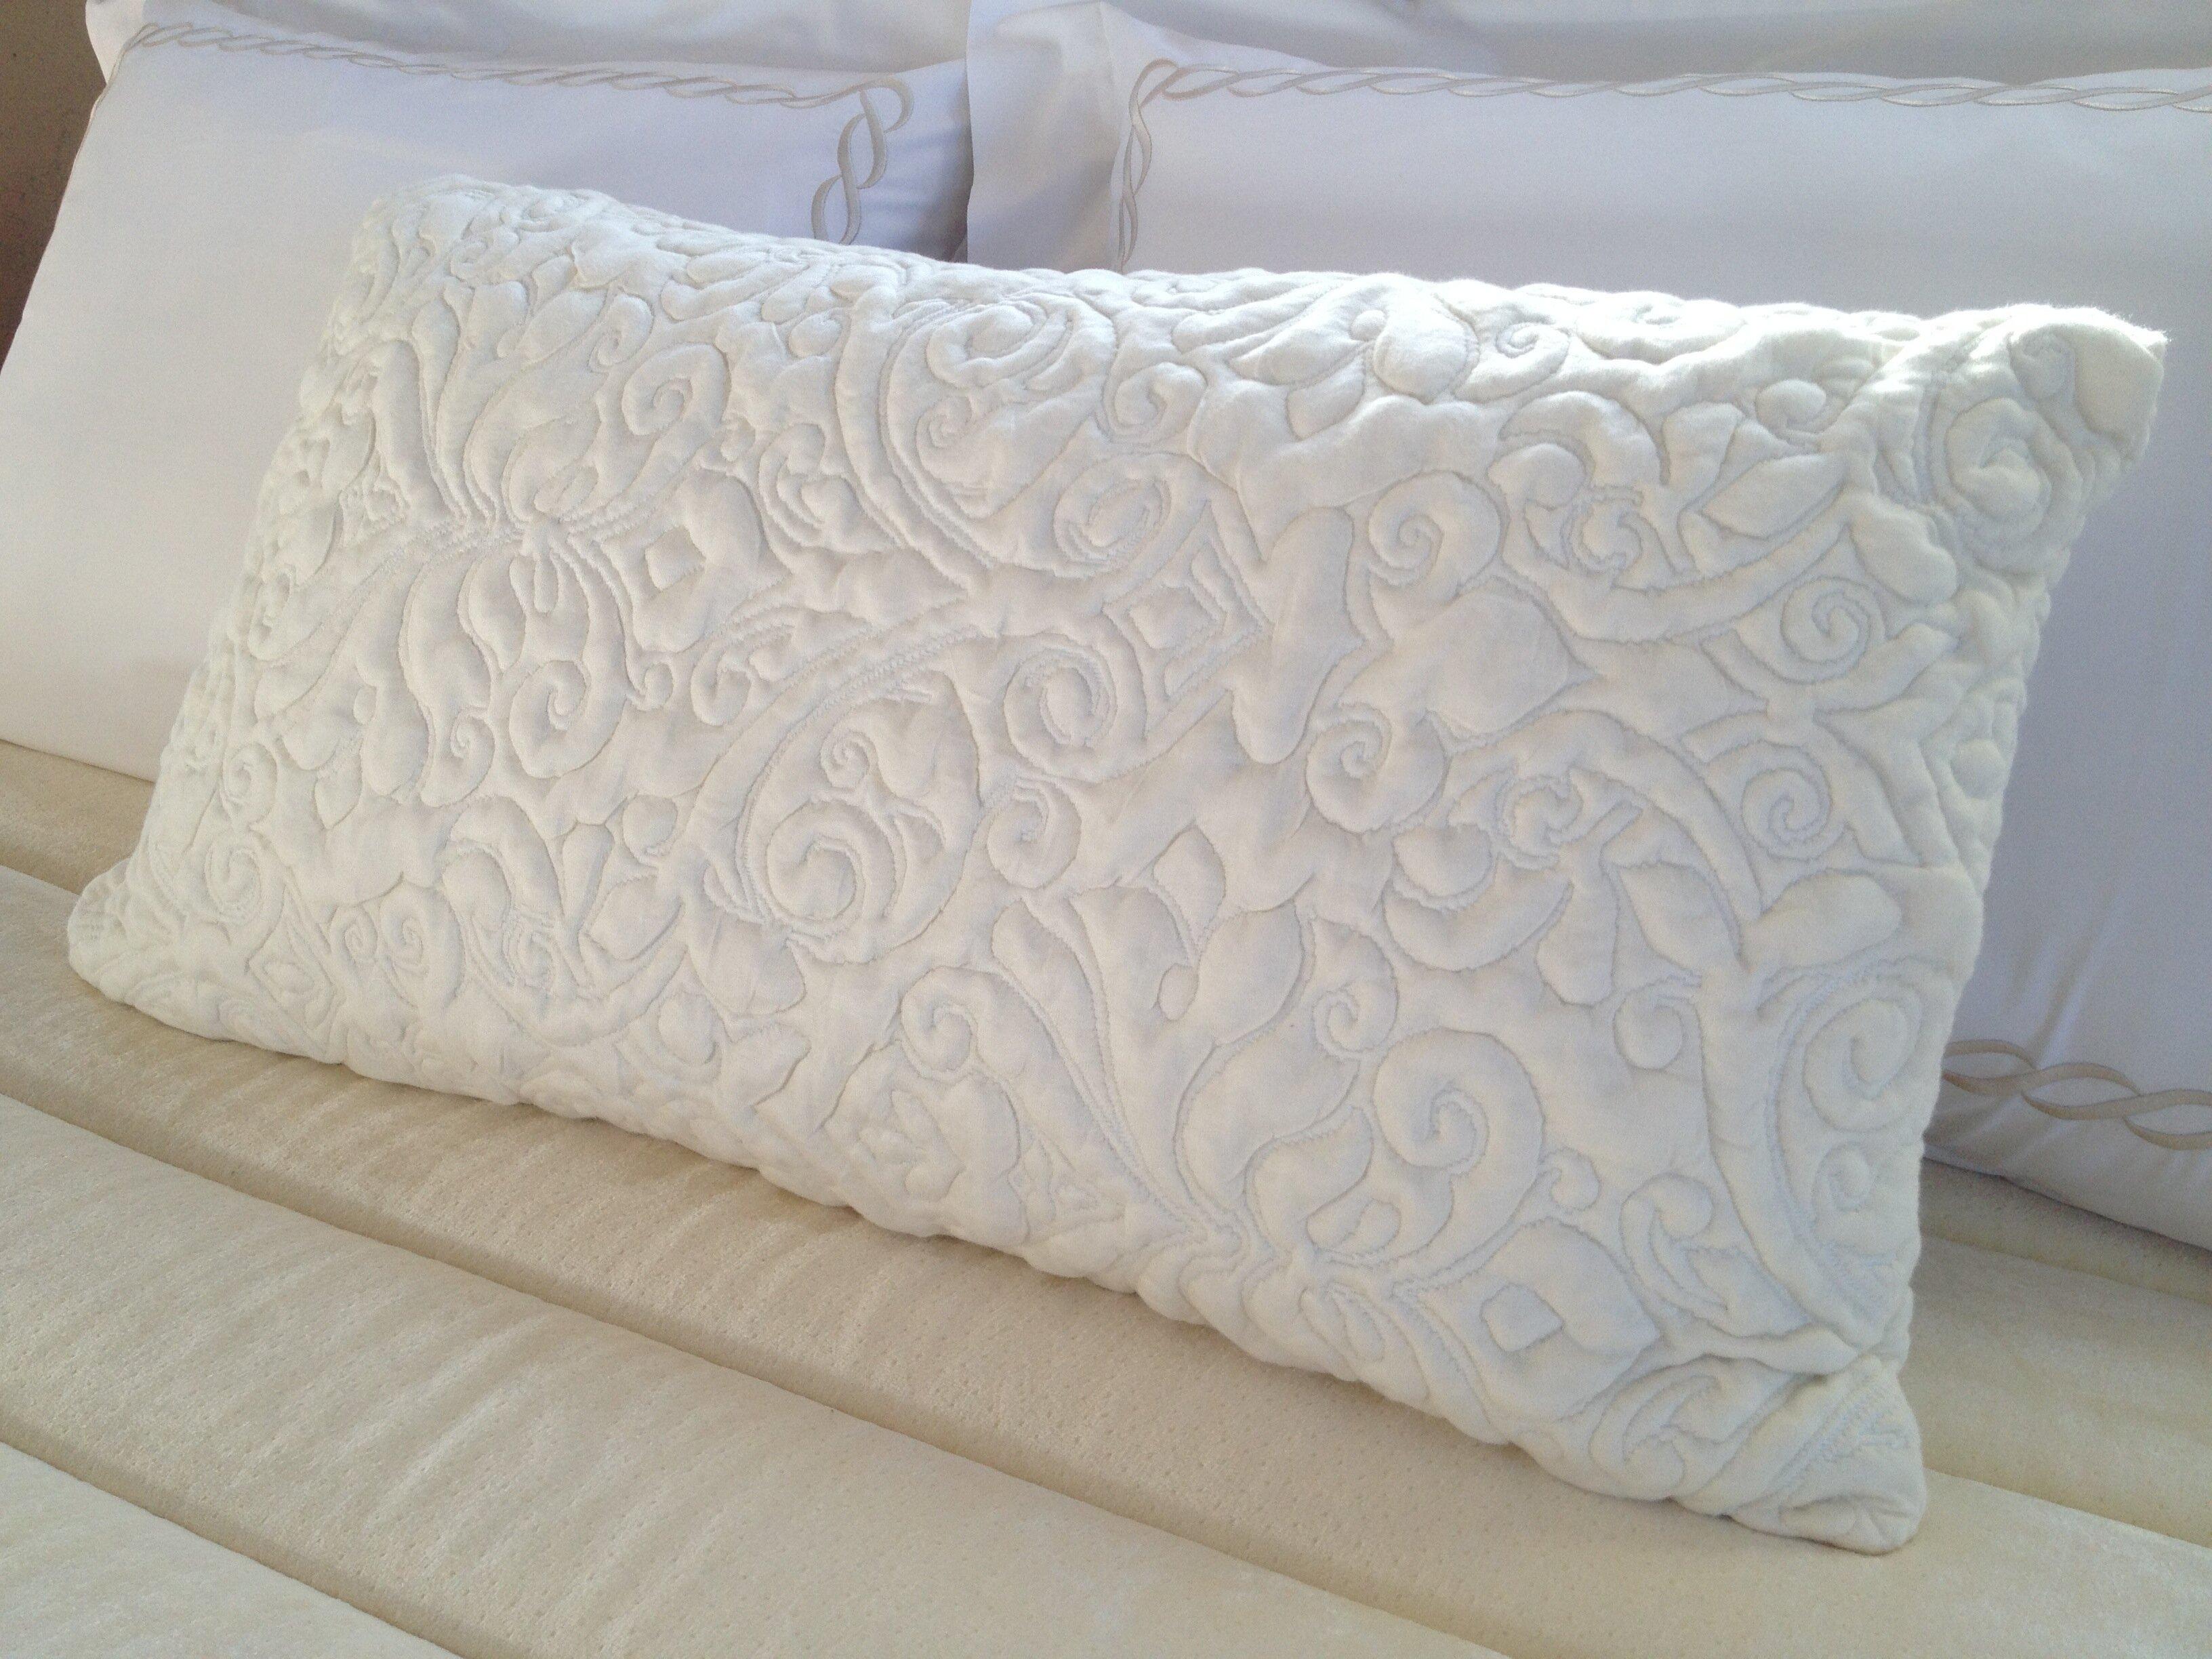 Better Snooze Better Snooze Gel Comfort Memory Foam Pillow Reviews